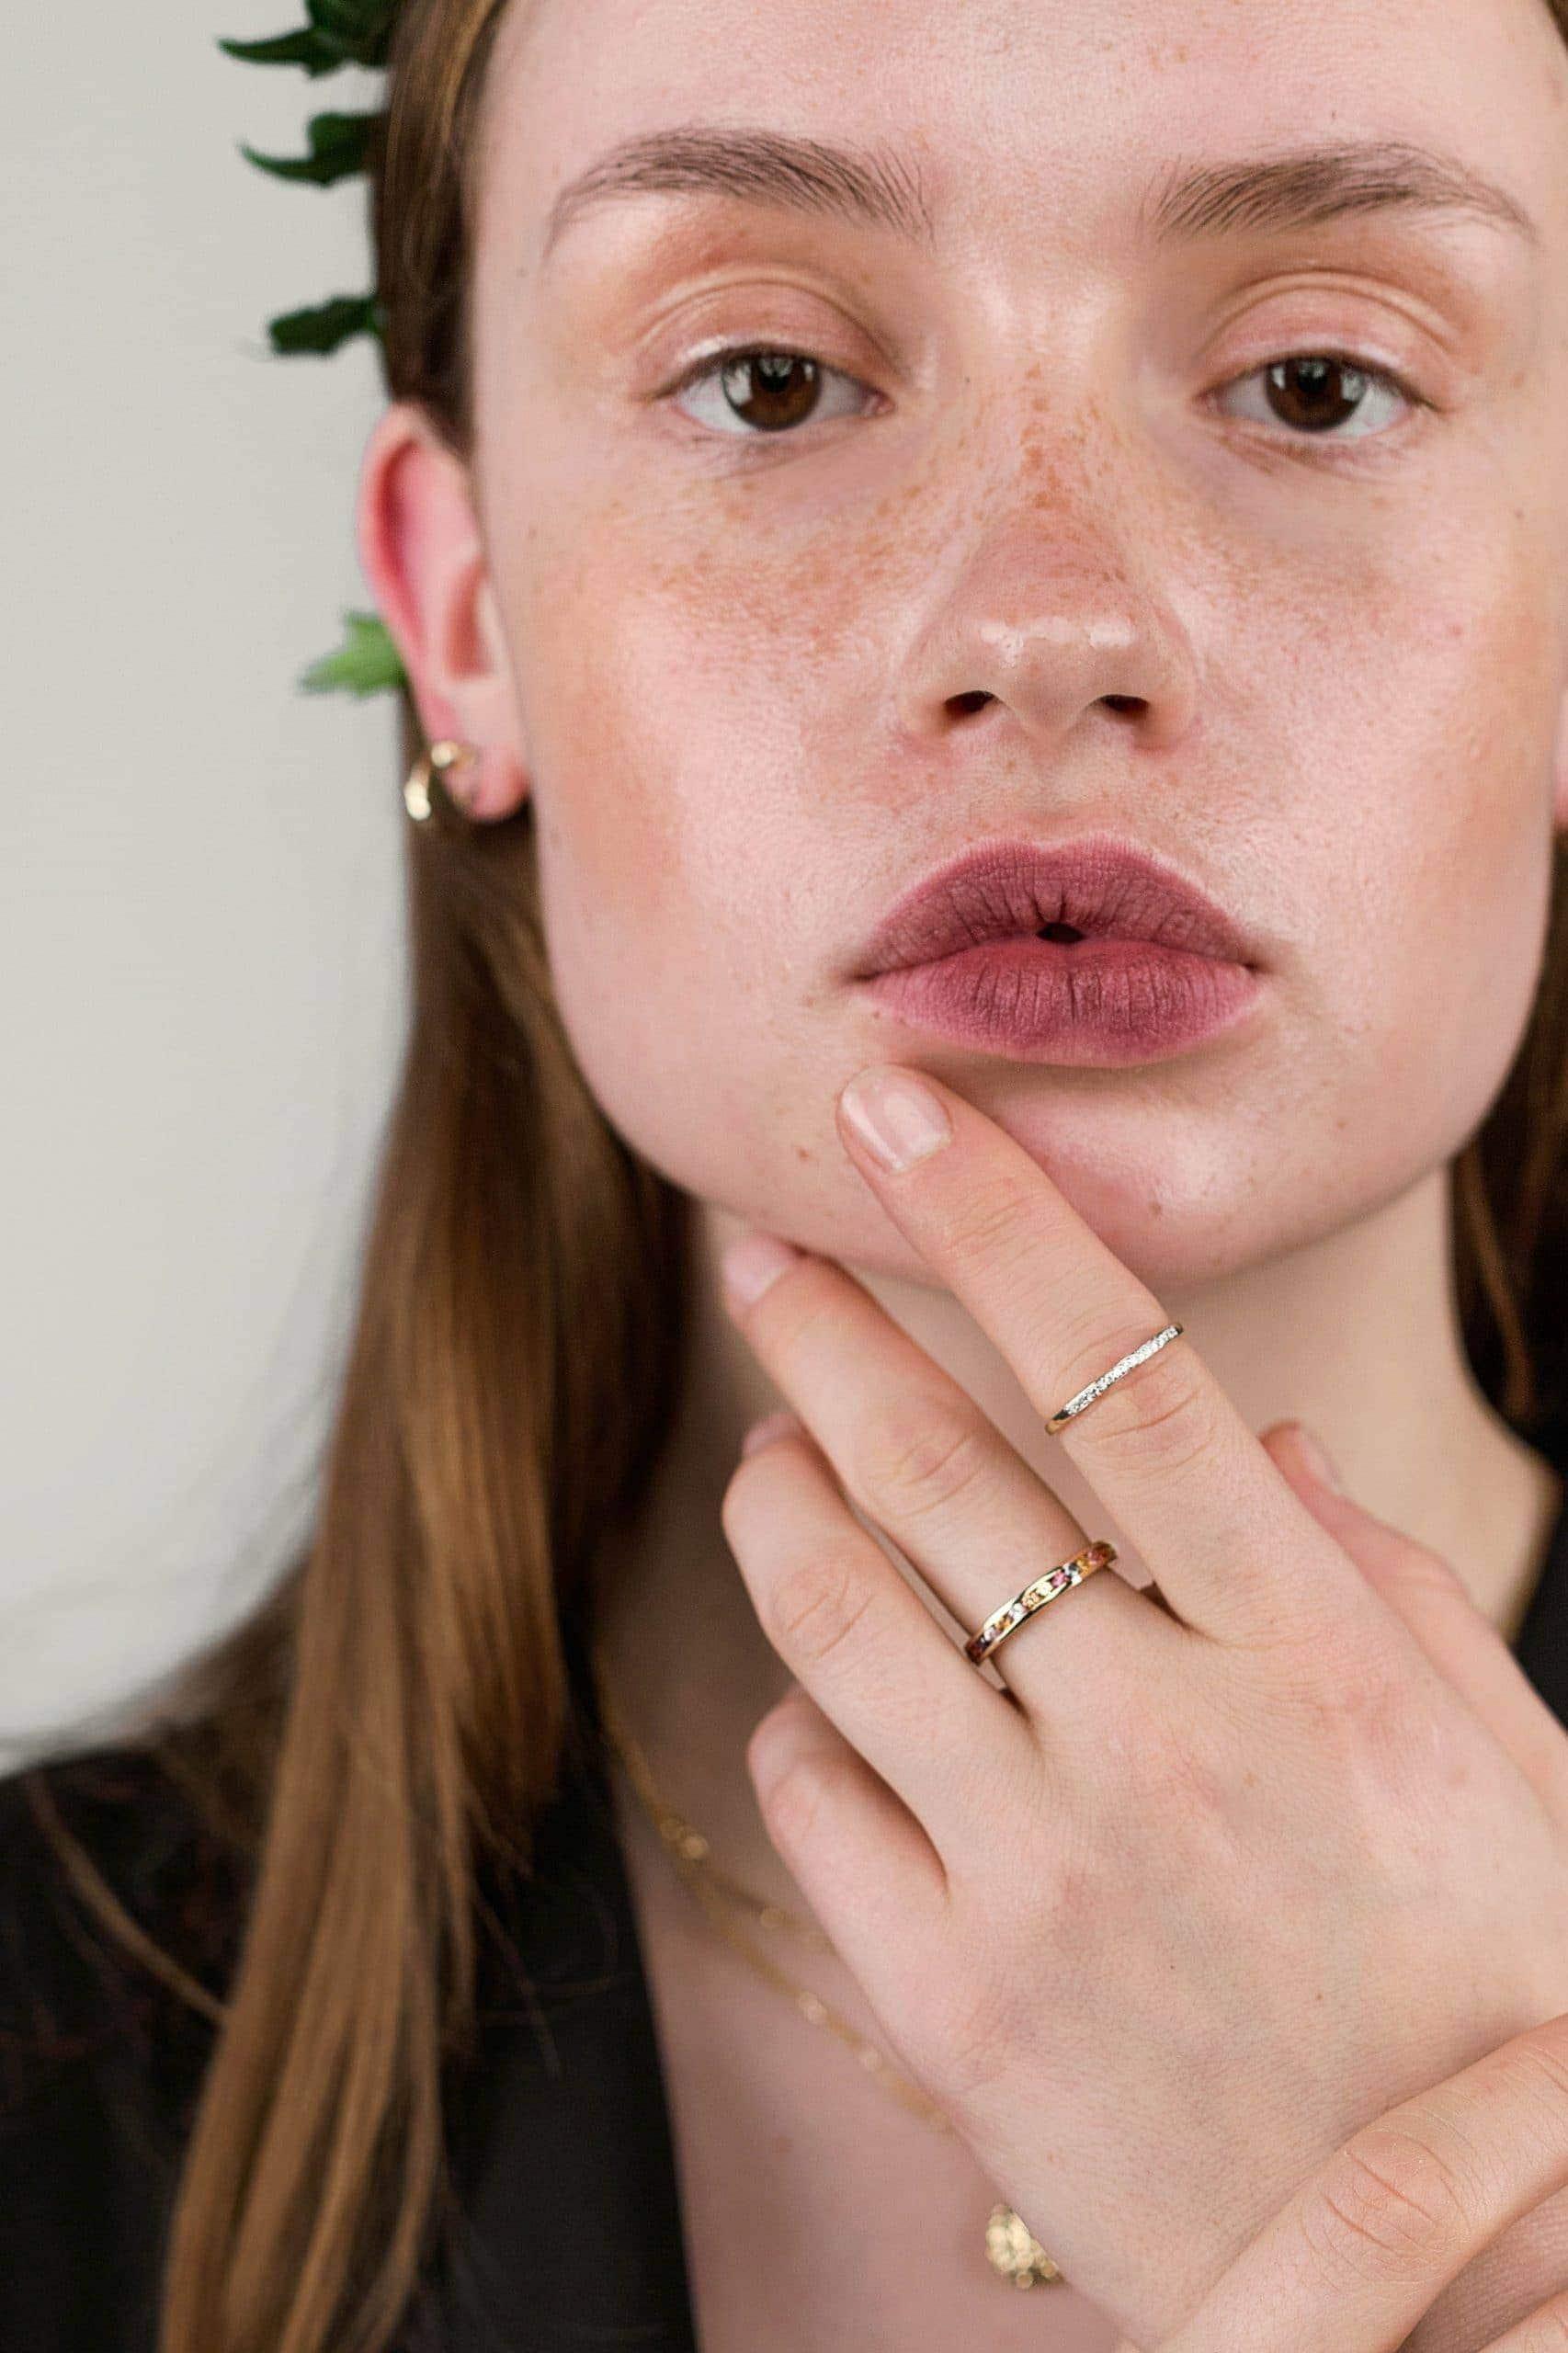 Modelka prezentuje na dłoniach złote pierścionki z kamieniami szlachetnymi.